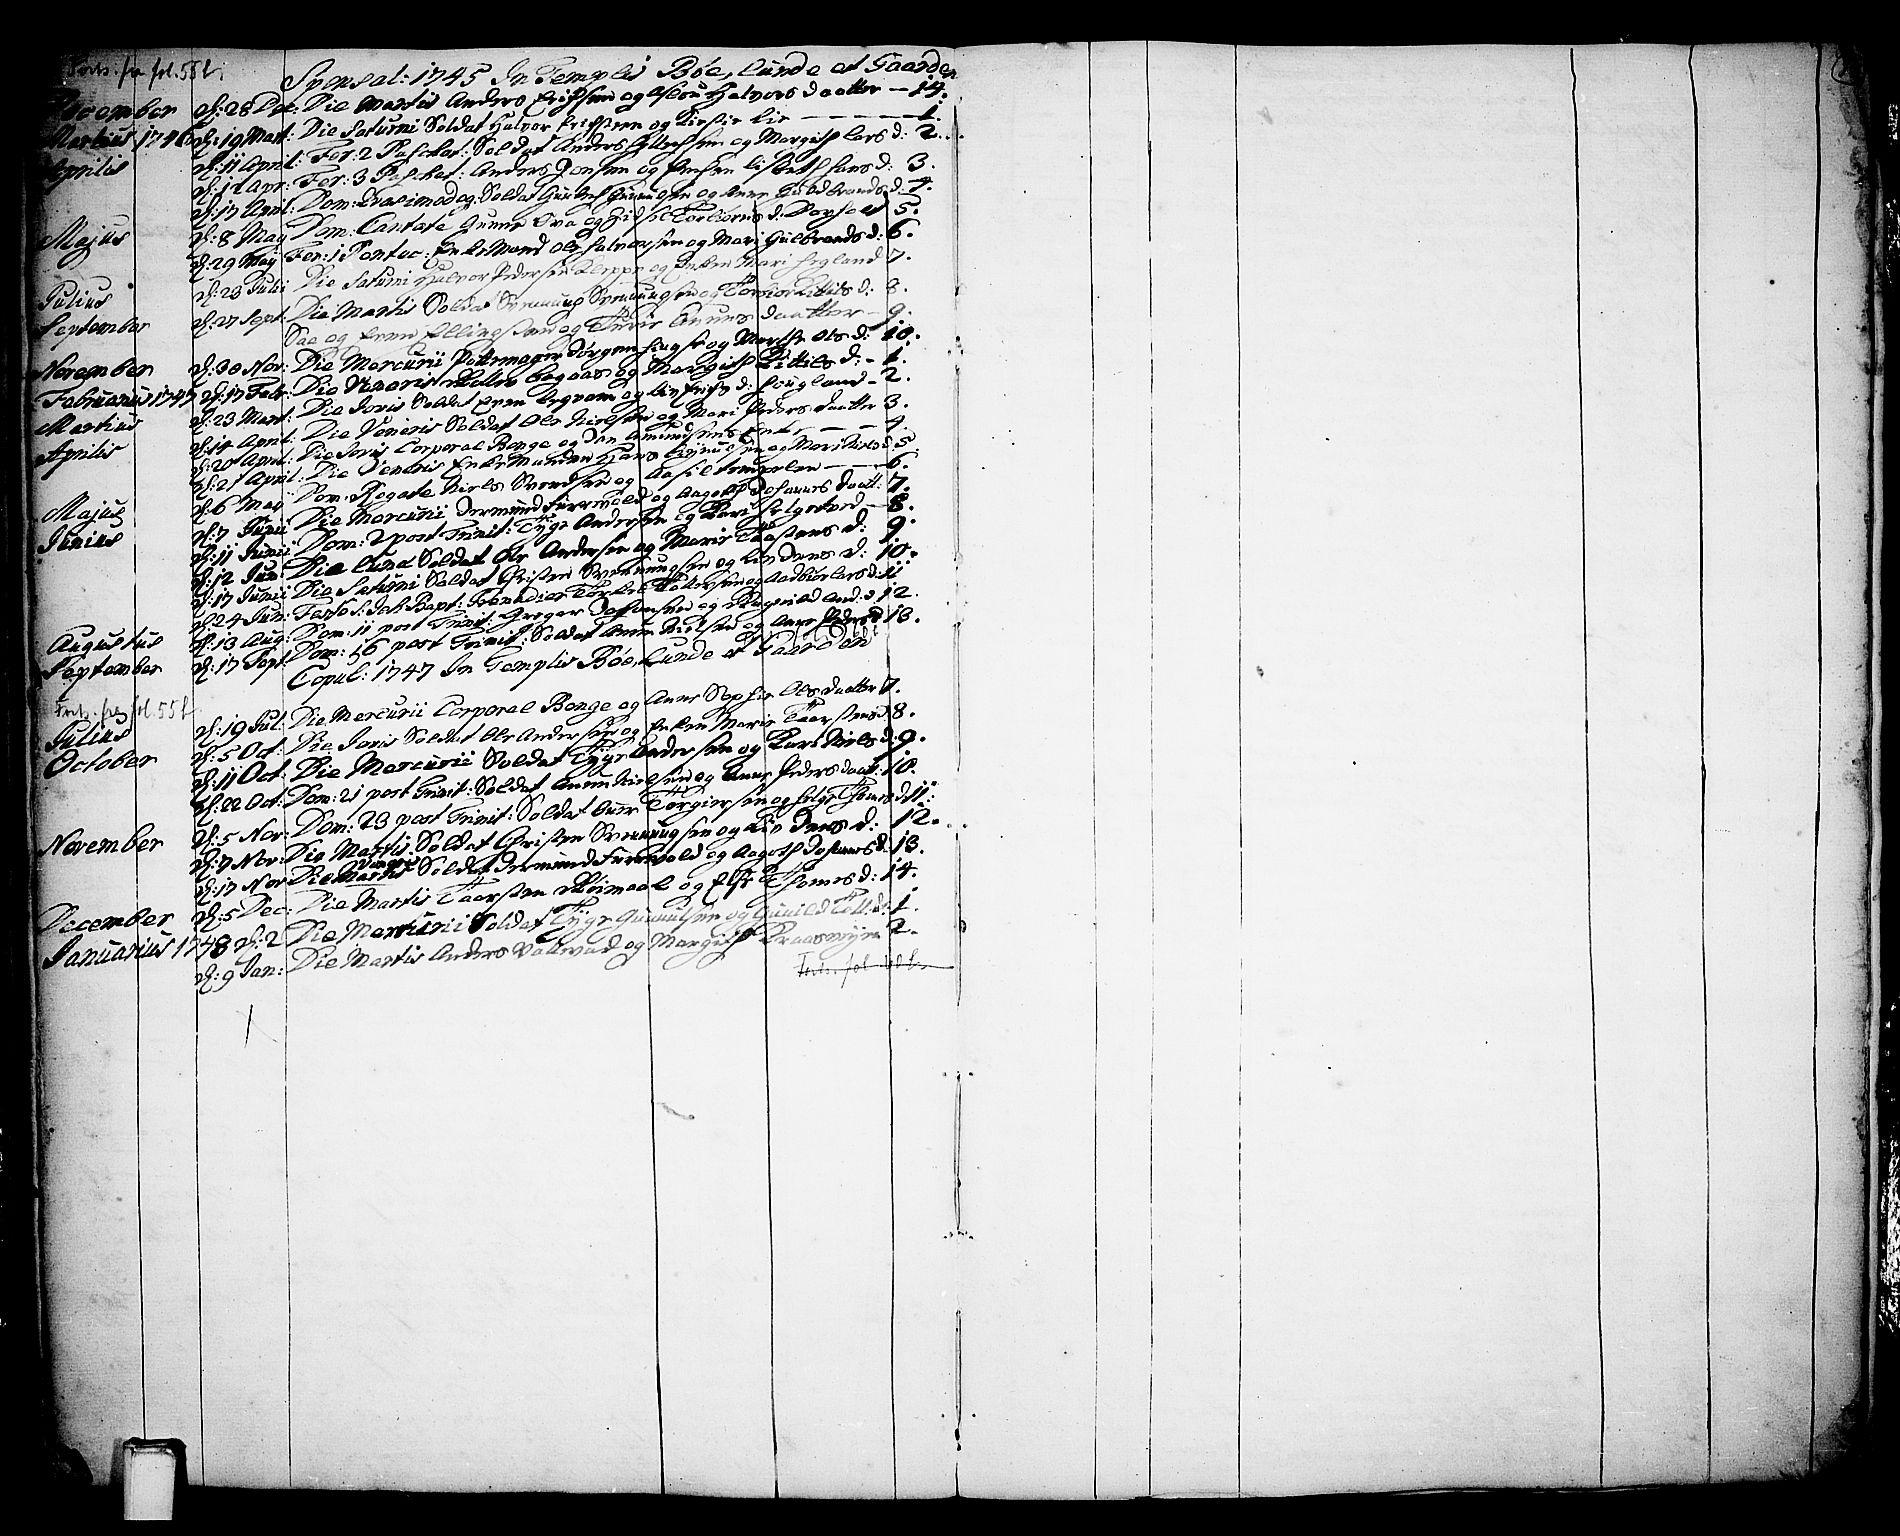 SAKO, Bø kirkebøker, F/Fa/L0003: Ministerialbok nr. 3, 1733-1748, s. 59